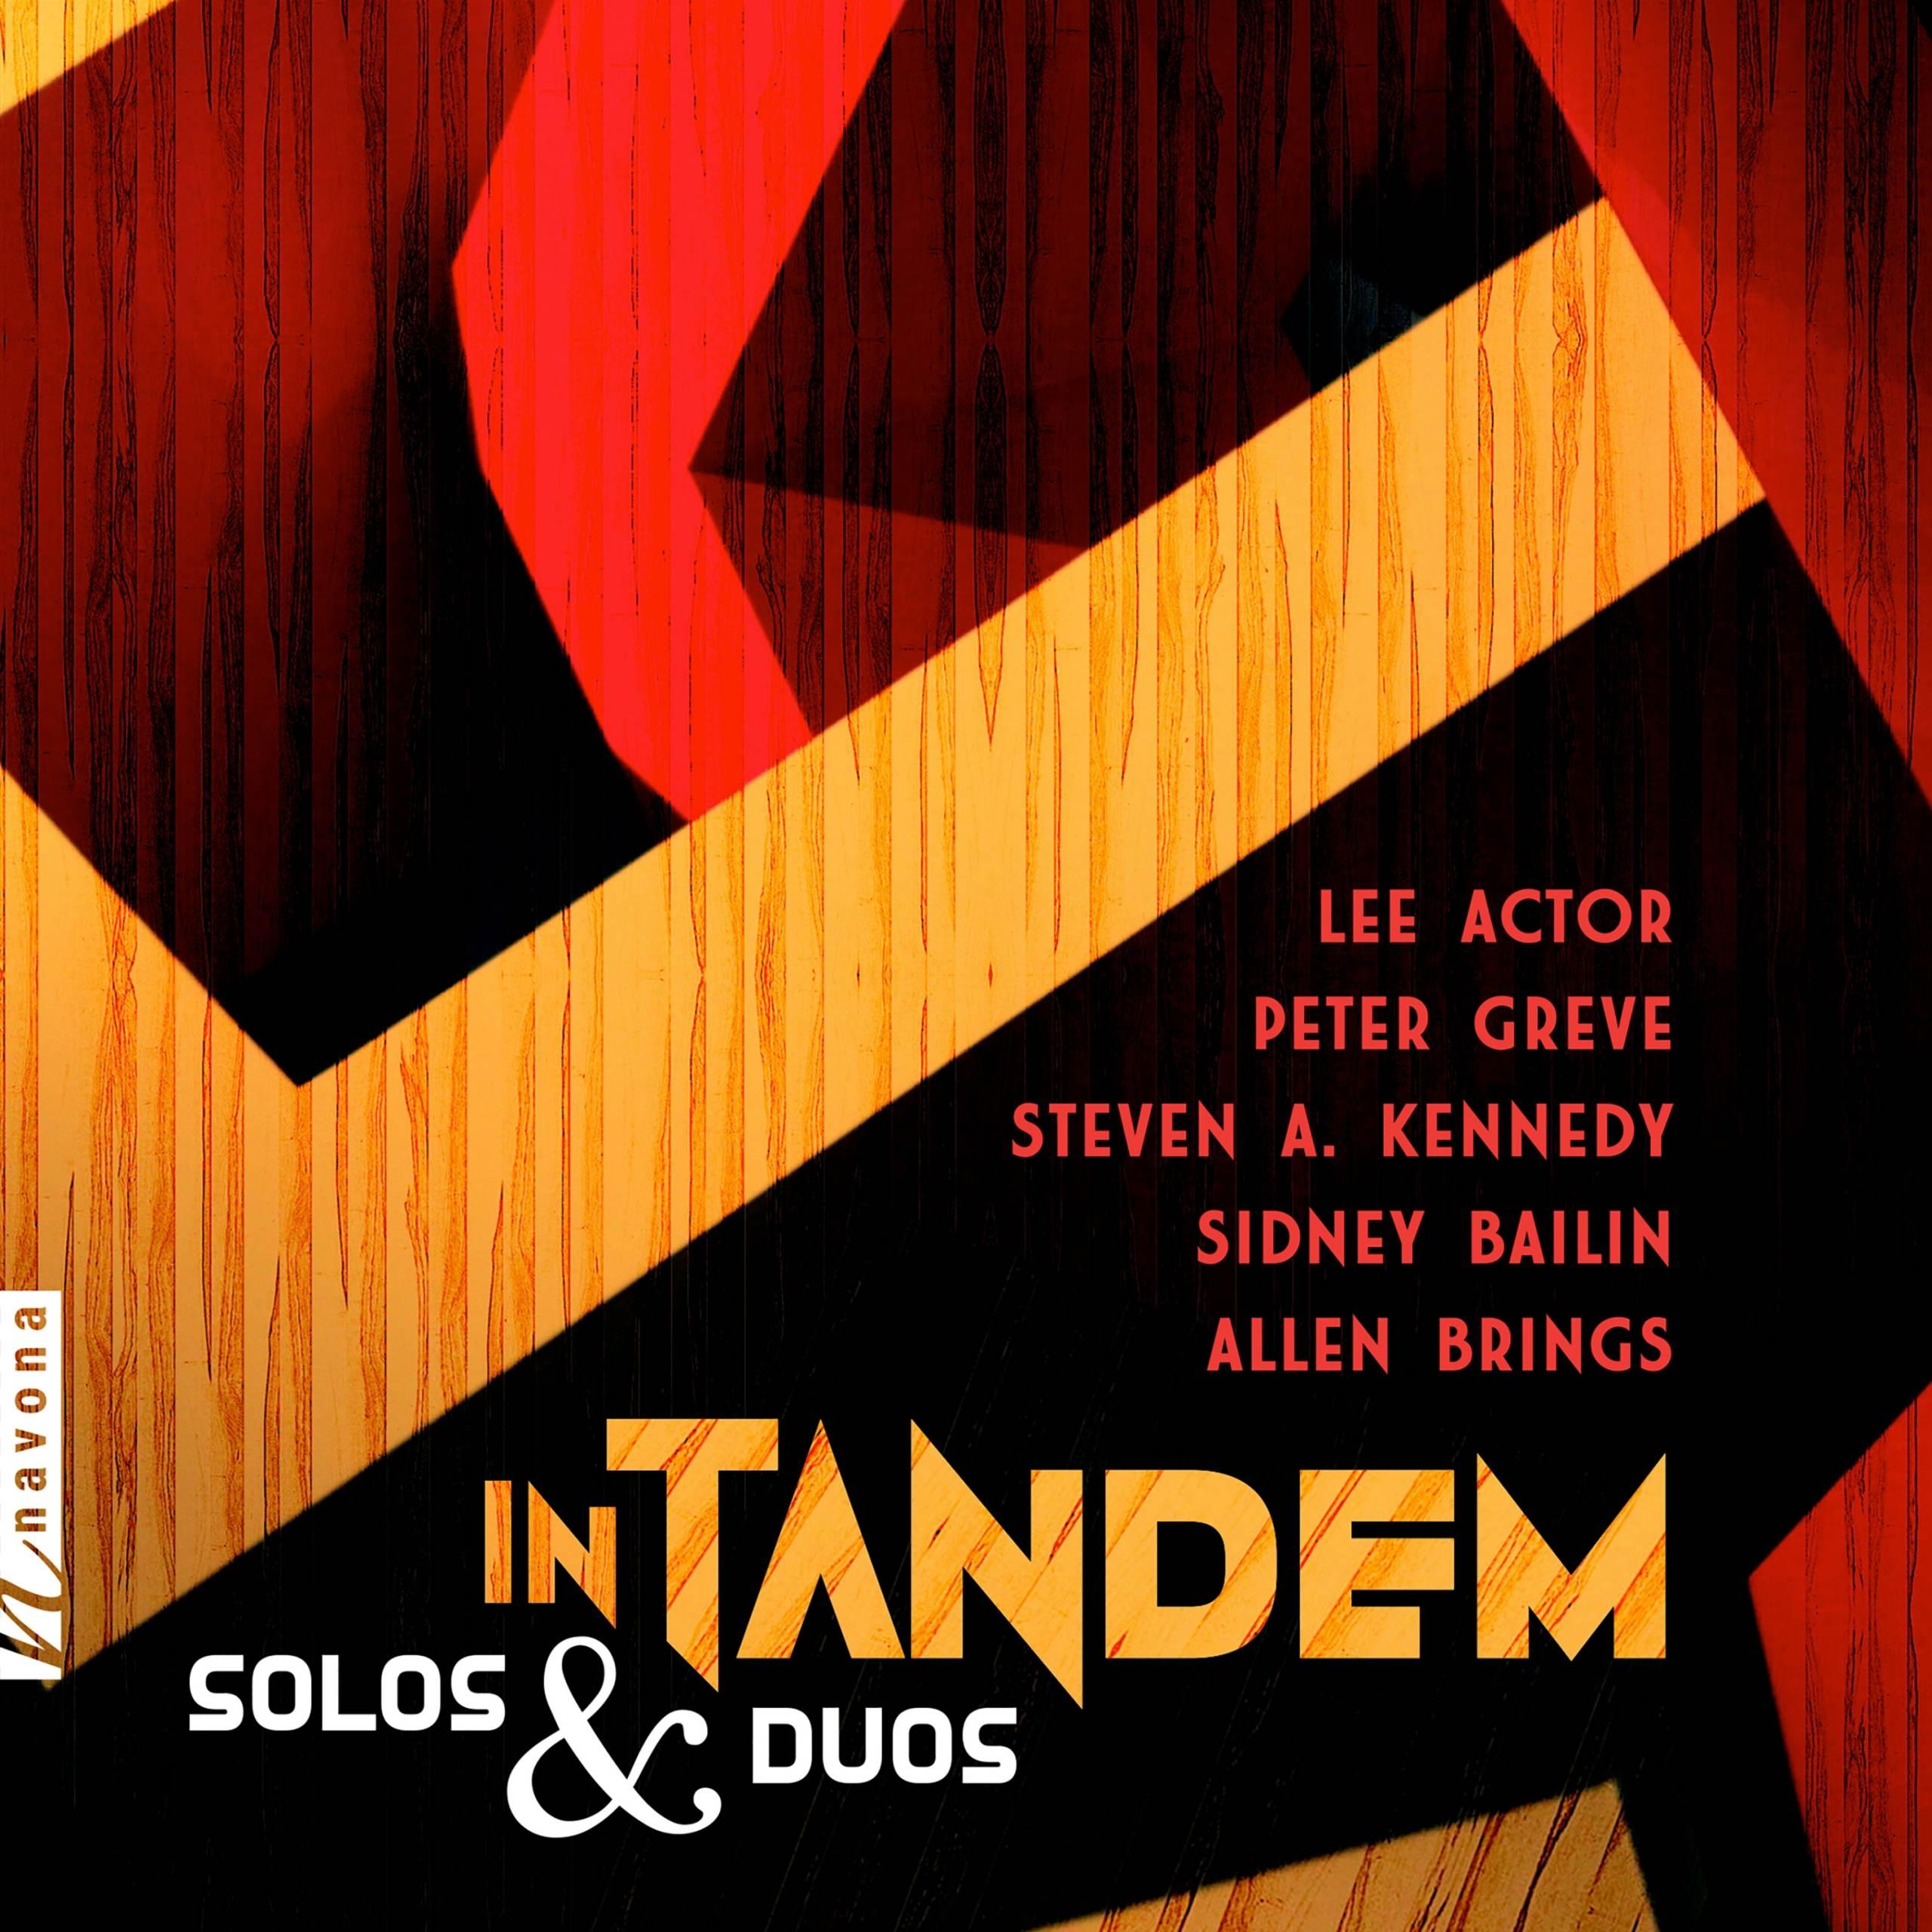 IN TANDEM - album cover